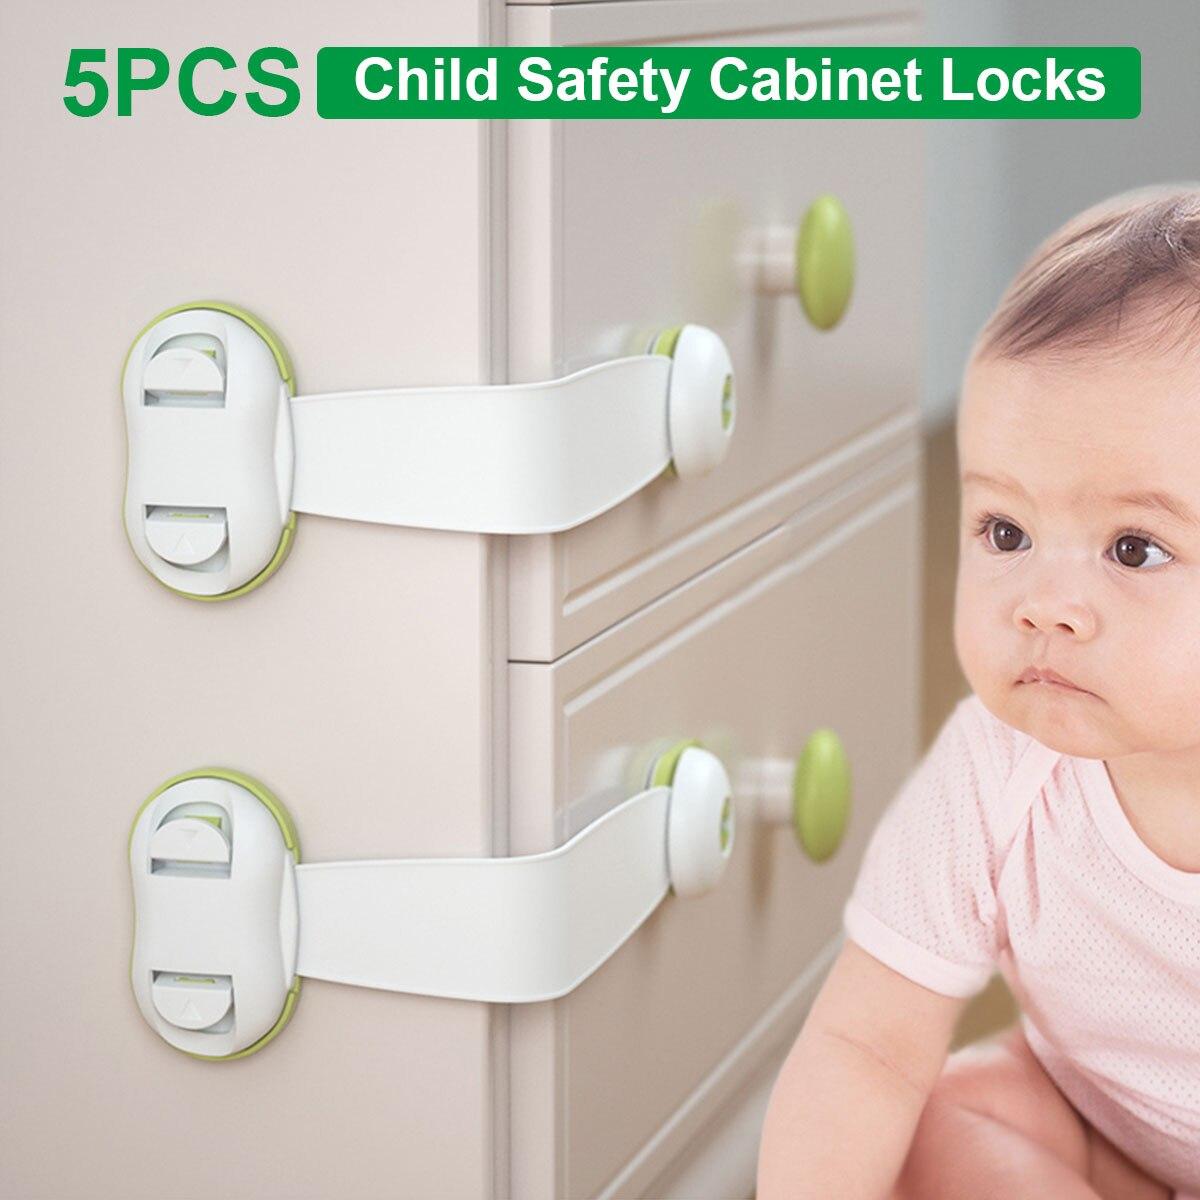 5 шт., блокираторы шкафов для безопасности детей